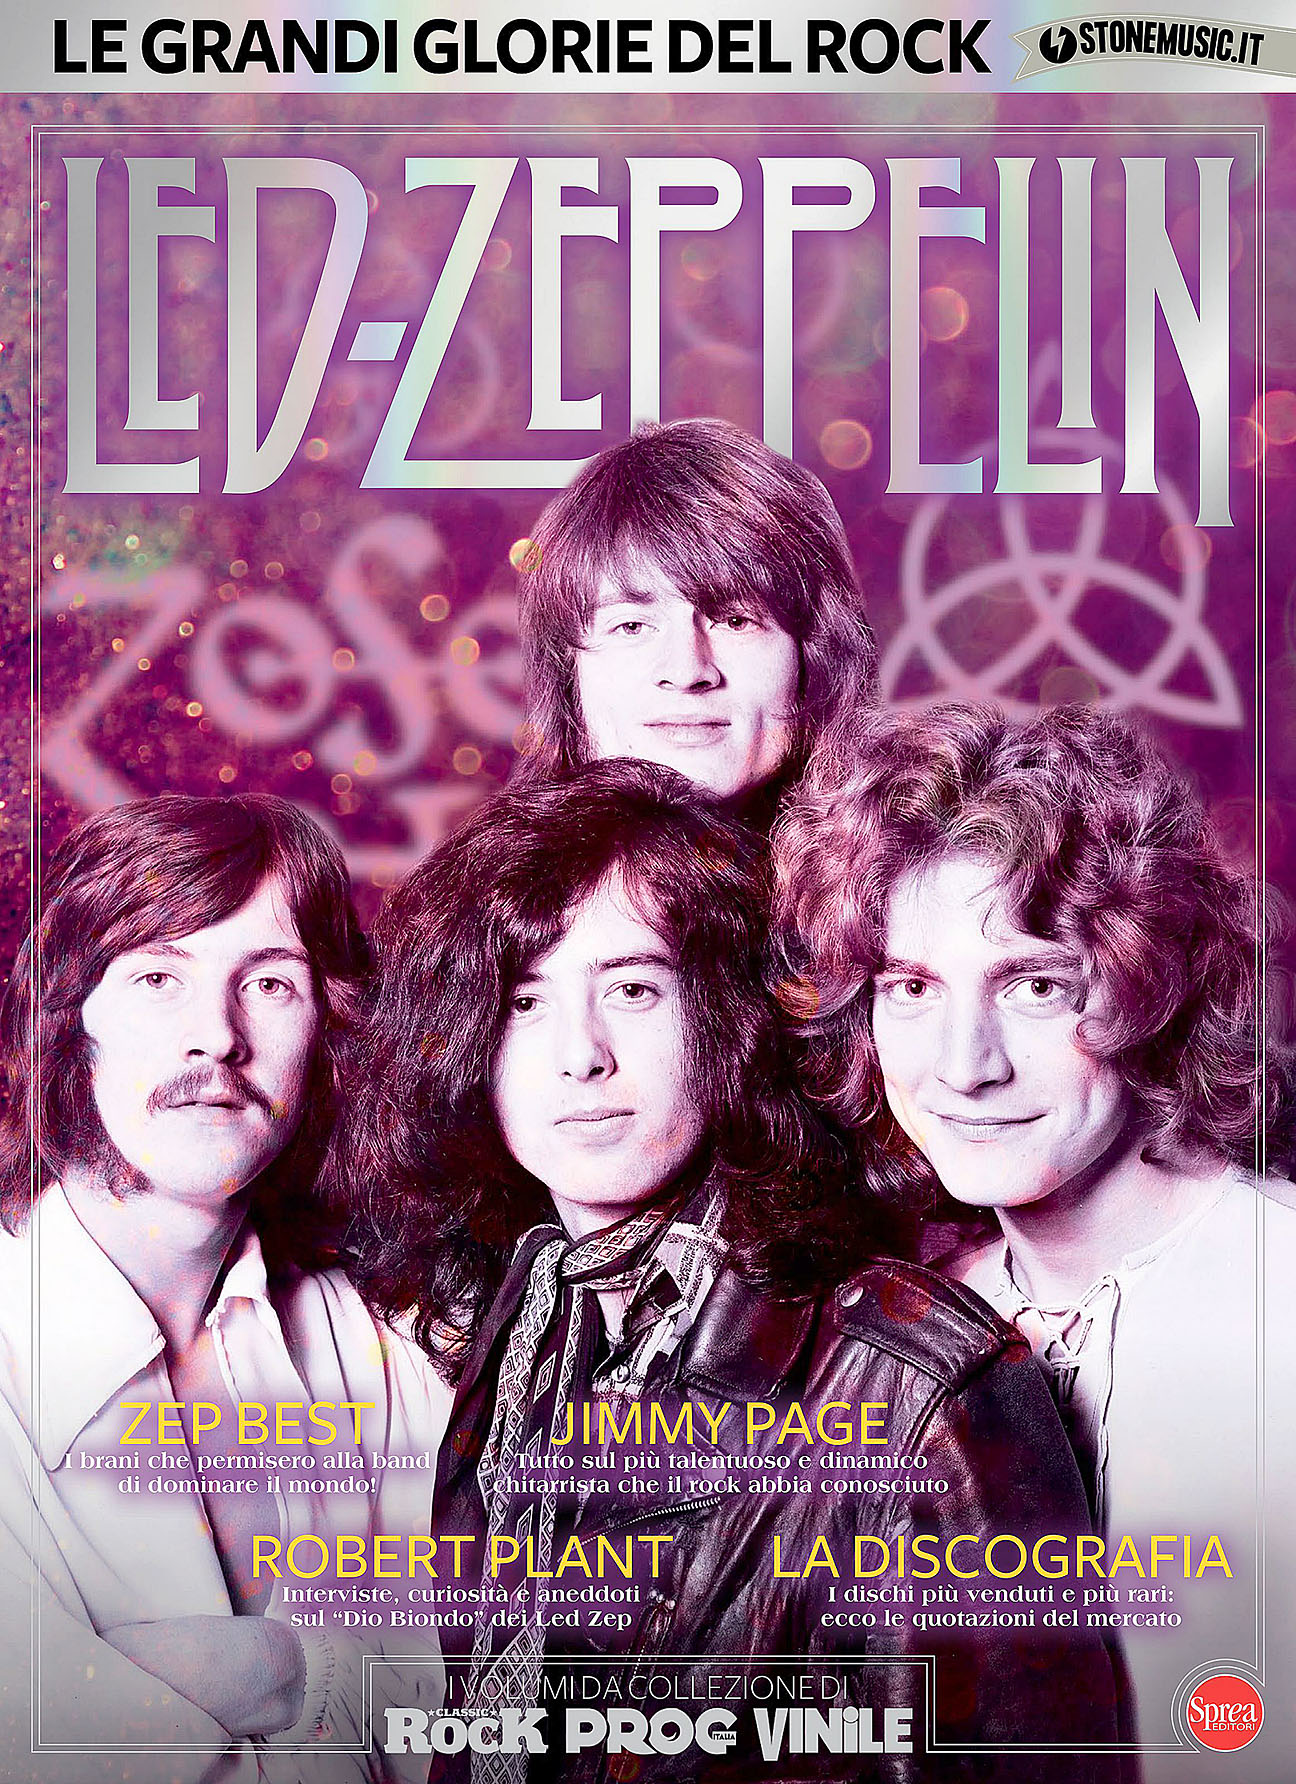 Classic Rock It Glorie 03 Led Zeppelin 2020-10-11.jpg